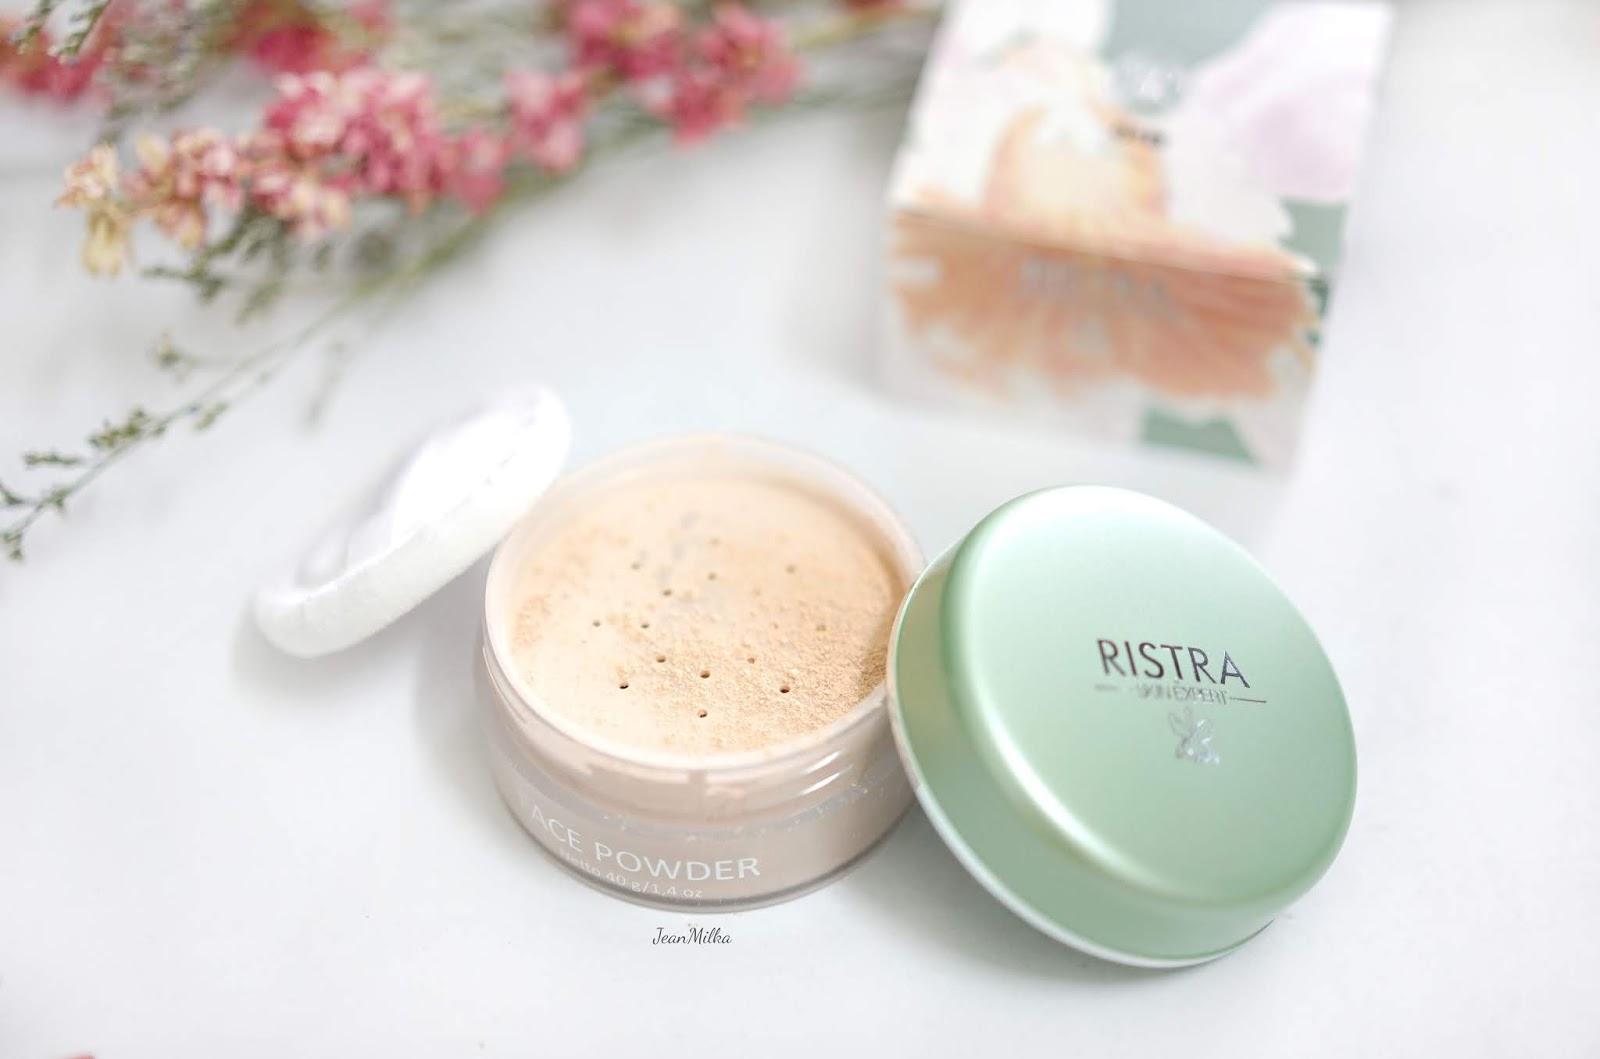 ristra, ristra skincare, ristra makeup, makeup, makeup indonesia, makeup murah, skincare indonesia, kosmetik, kosmetik indonesia